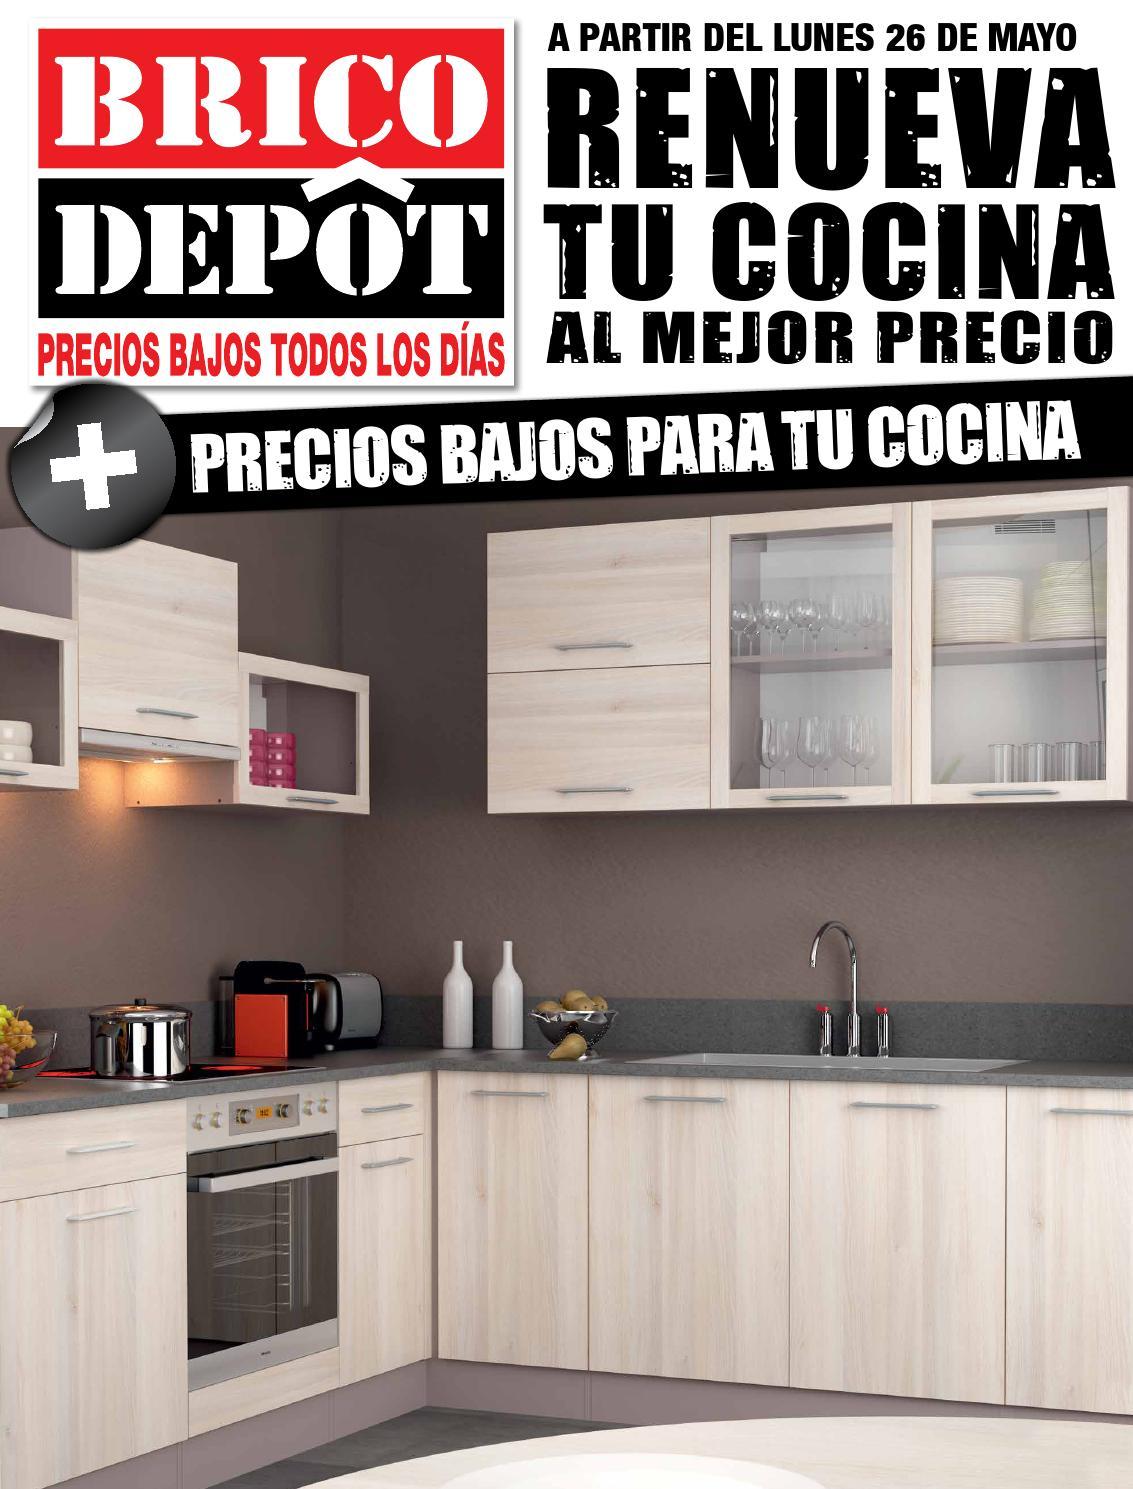 Muebles de cocina en brico depot for Encimera cocina bricomart